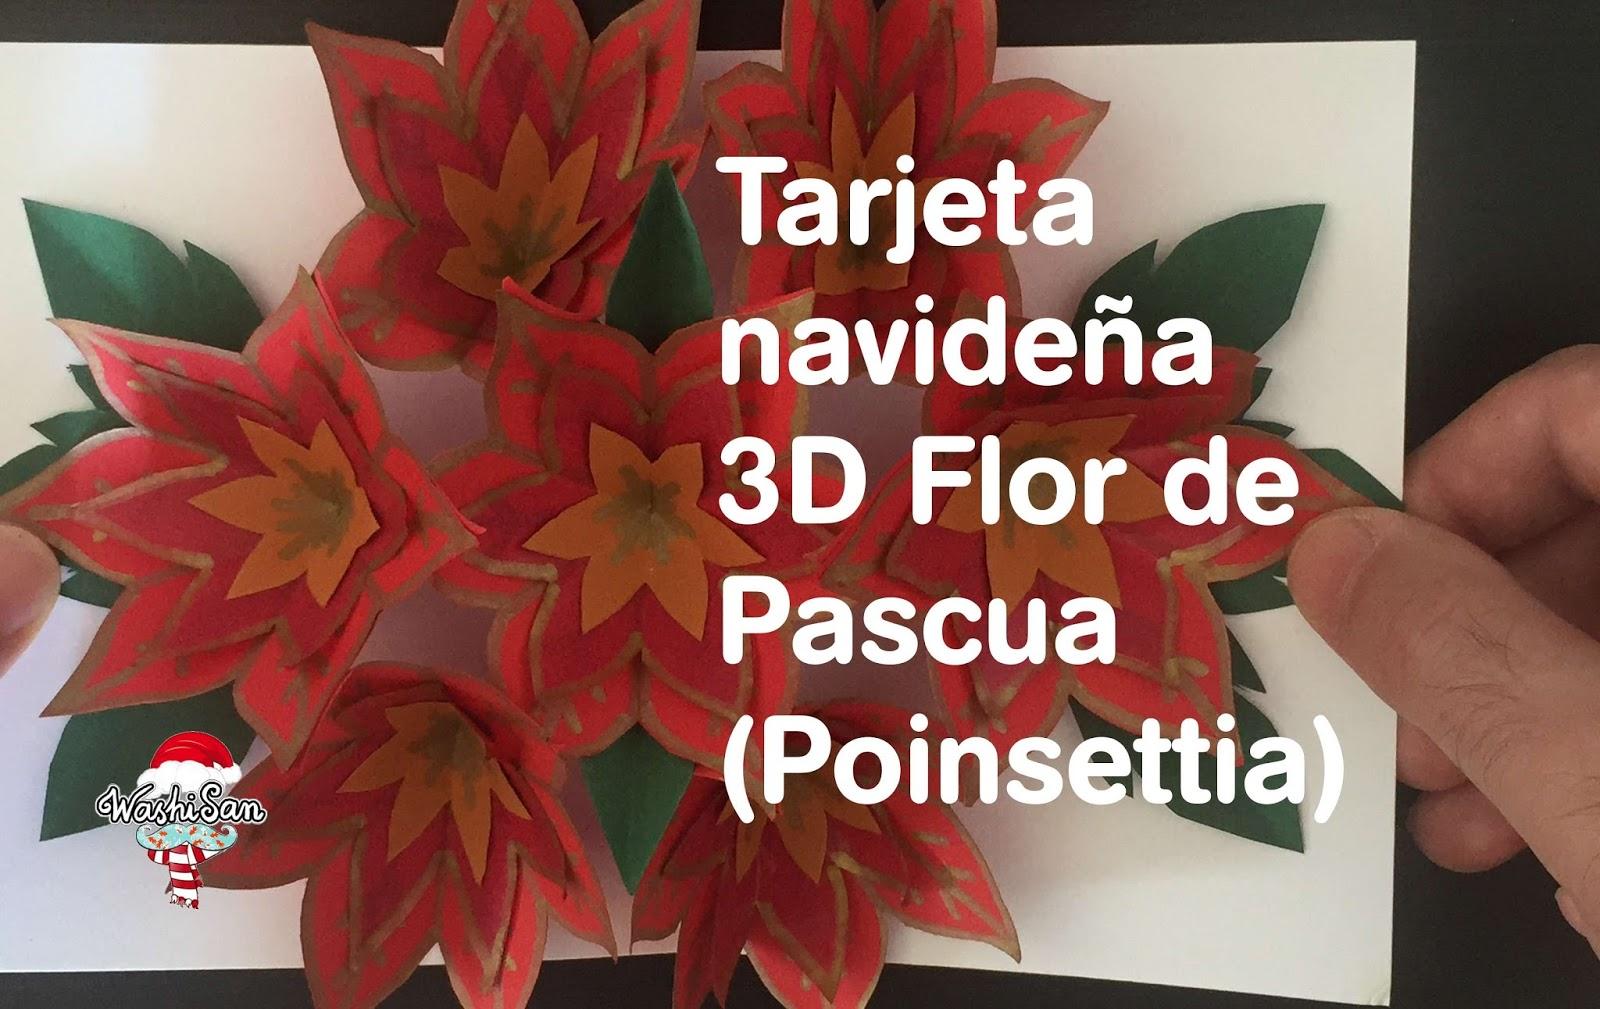 Mr WashiSan: Tarjeta de Navidad pop-up 3D de flor de pascua o Poinsettia